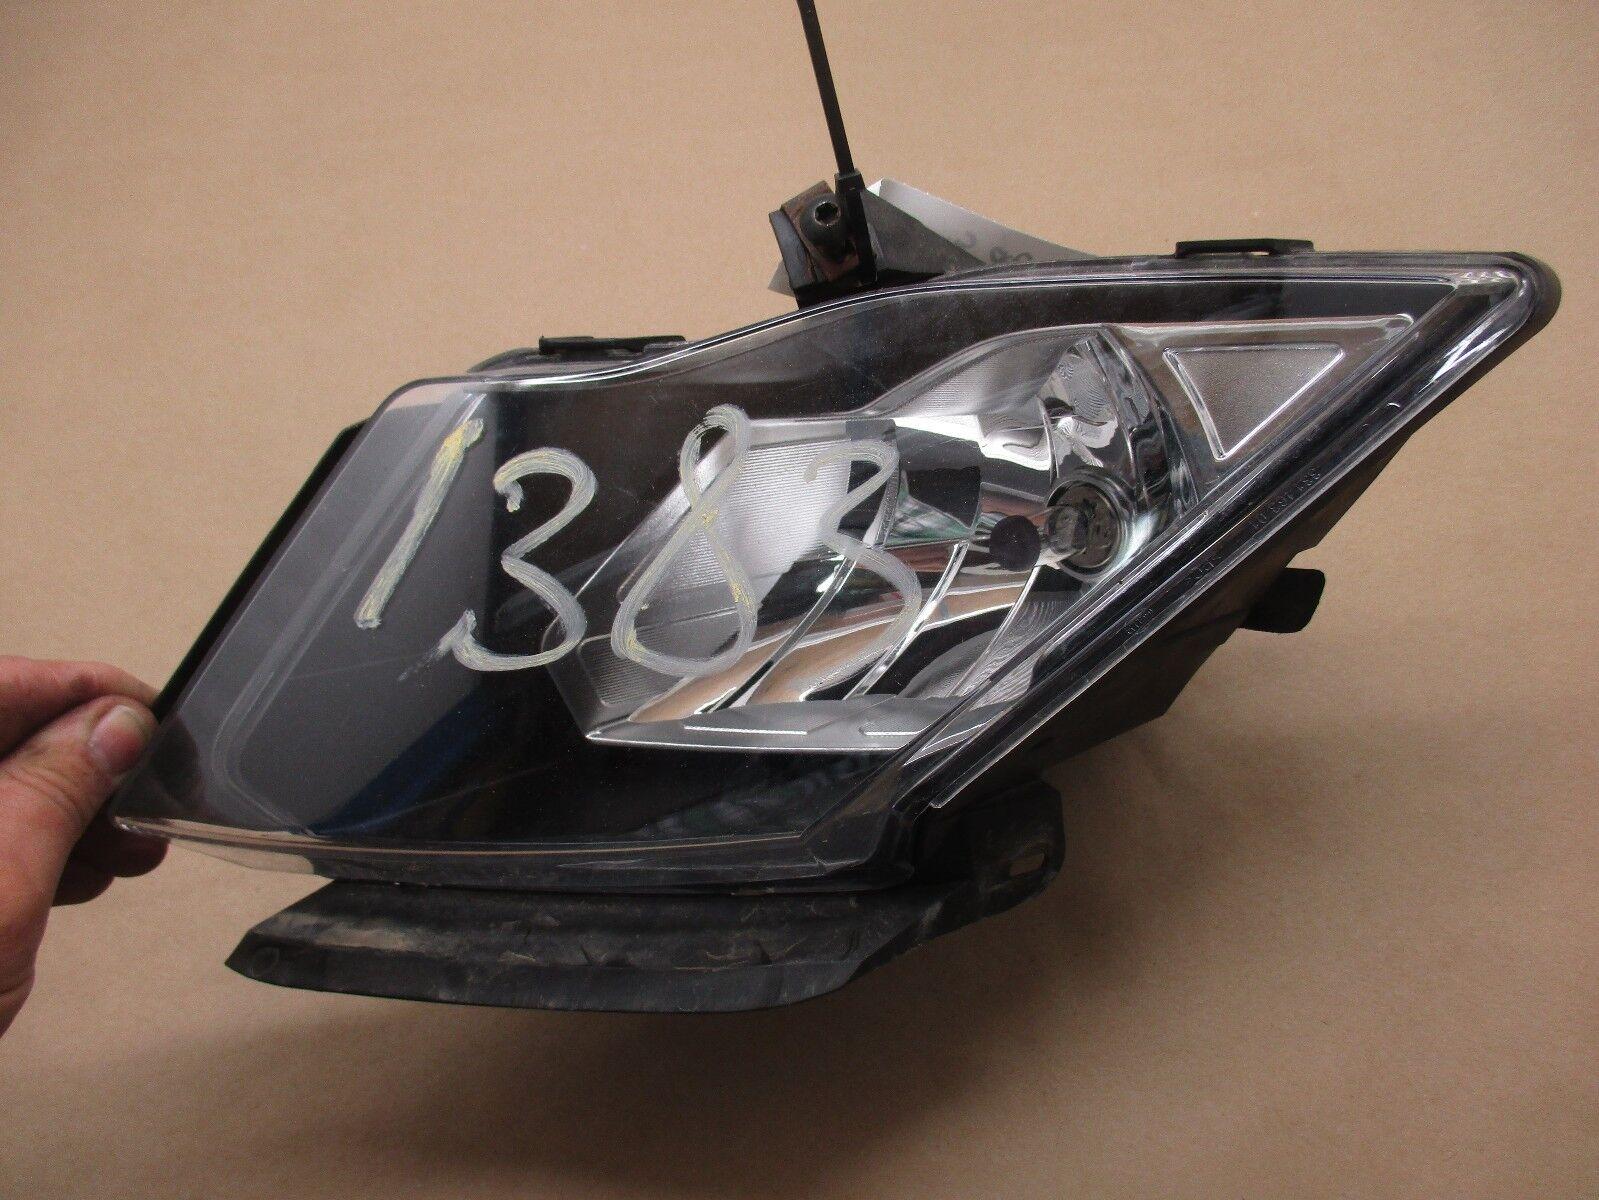 2010 Ski-Doo Summit 800 left side headlight